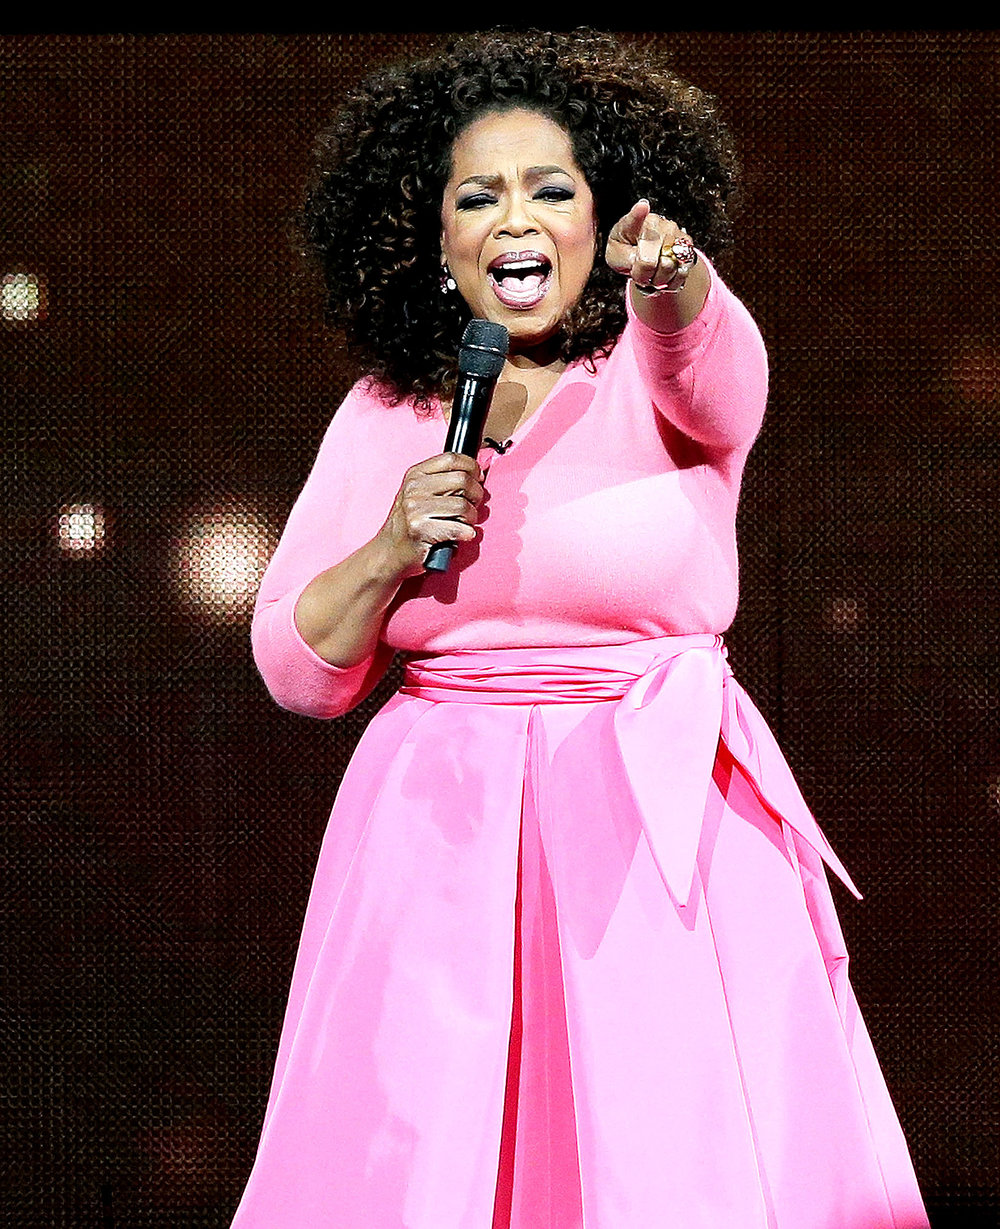 oprah winfrey 2 f929ce8b 47a6 440e 9c1b 04b704d064cf - O Discurso da Oprah: Isto não é sobre o Golden Globes.